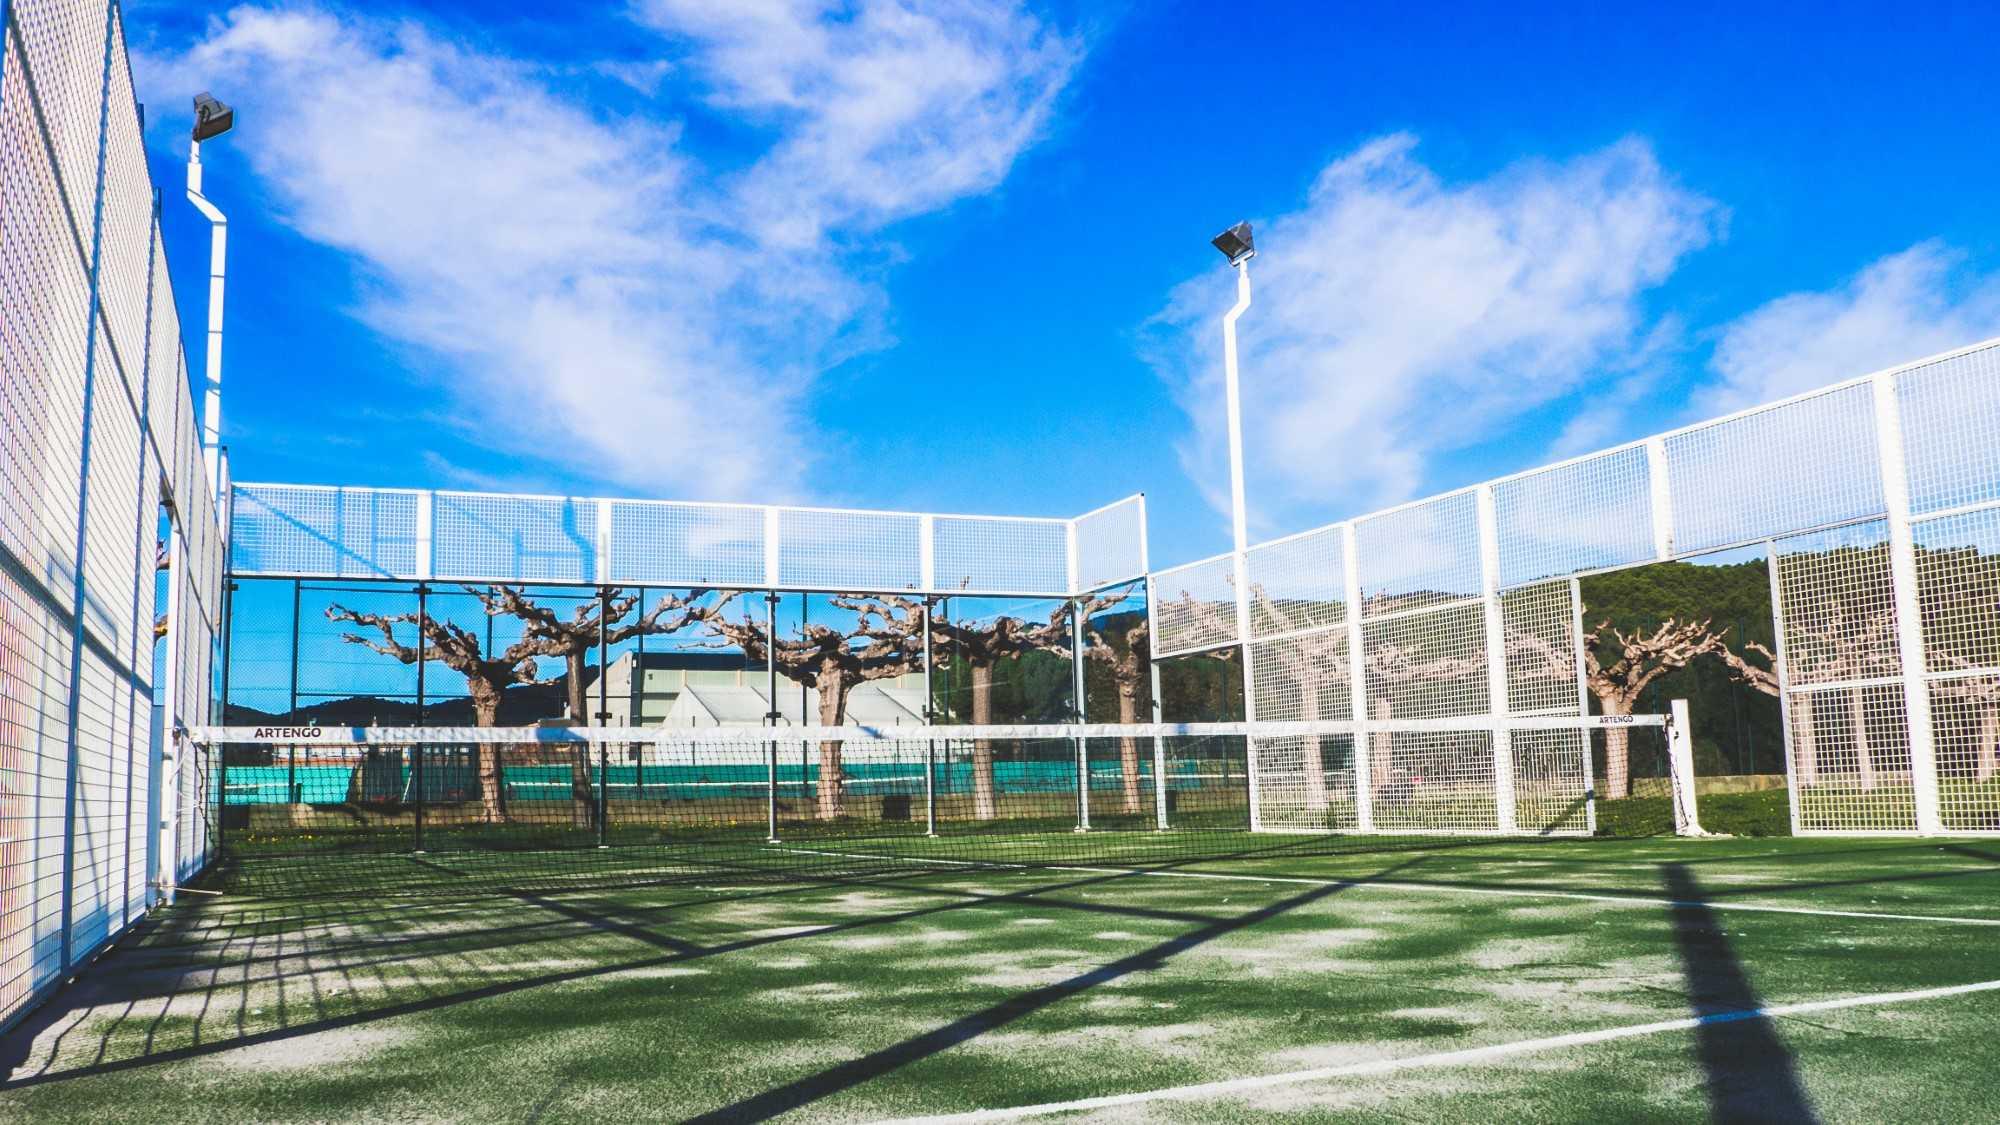 club tennis calonge 4 personalizado césped artificial - club tennis calonge 4 personalizado - No Solo Césped – Instalación de césped artificial para terraza y jardín